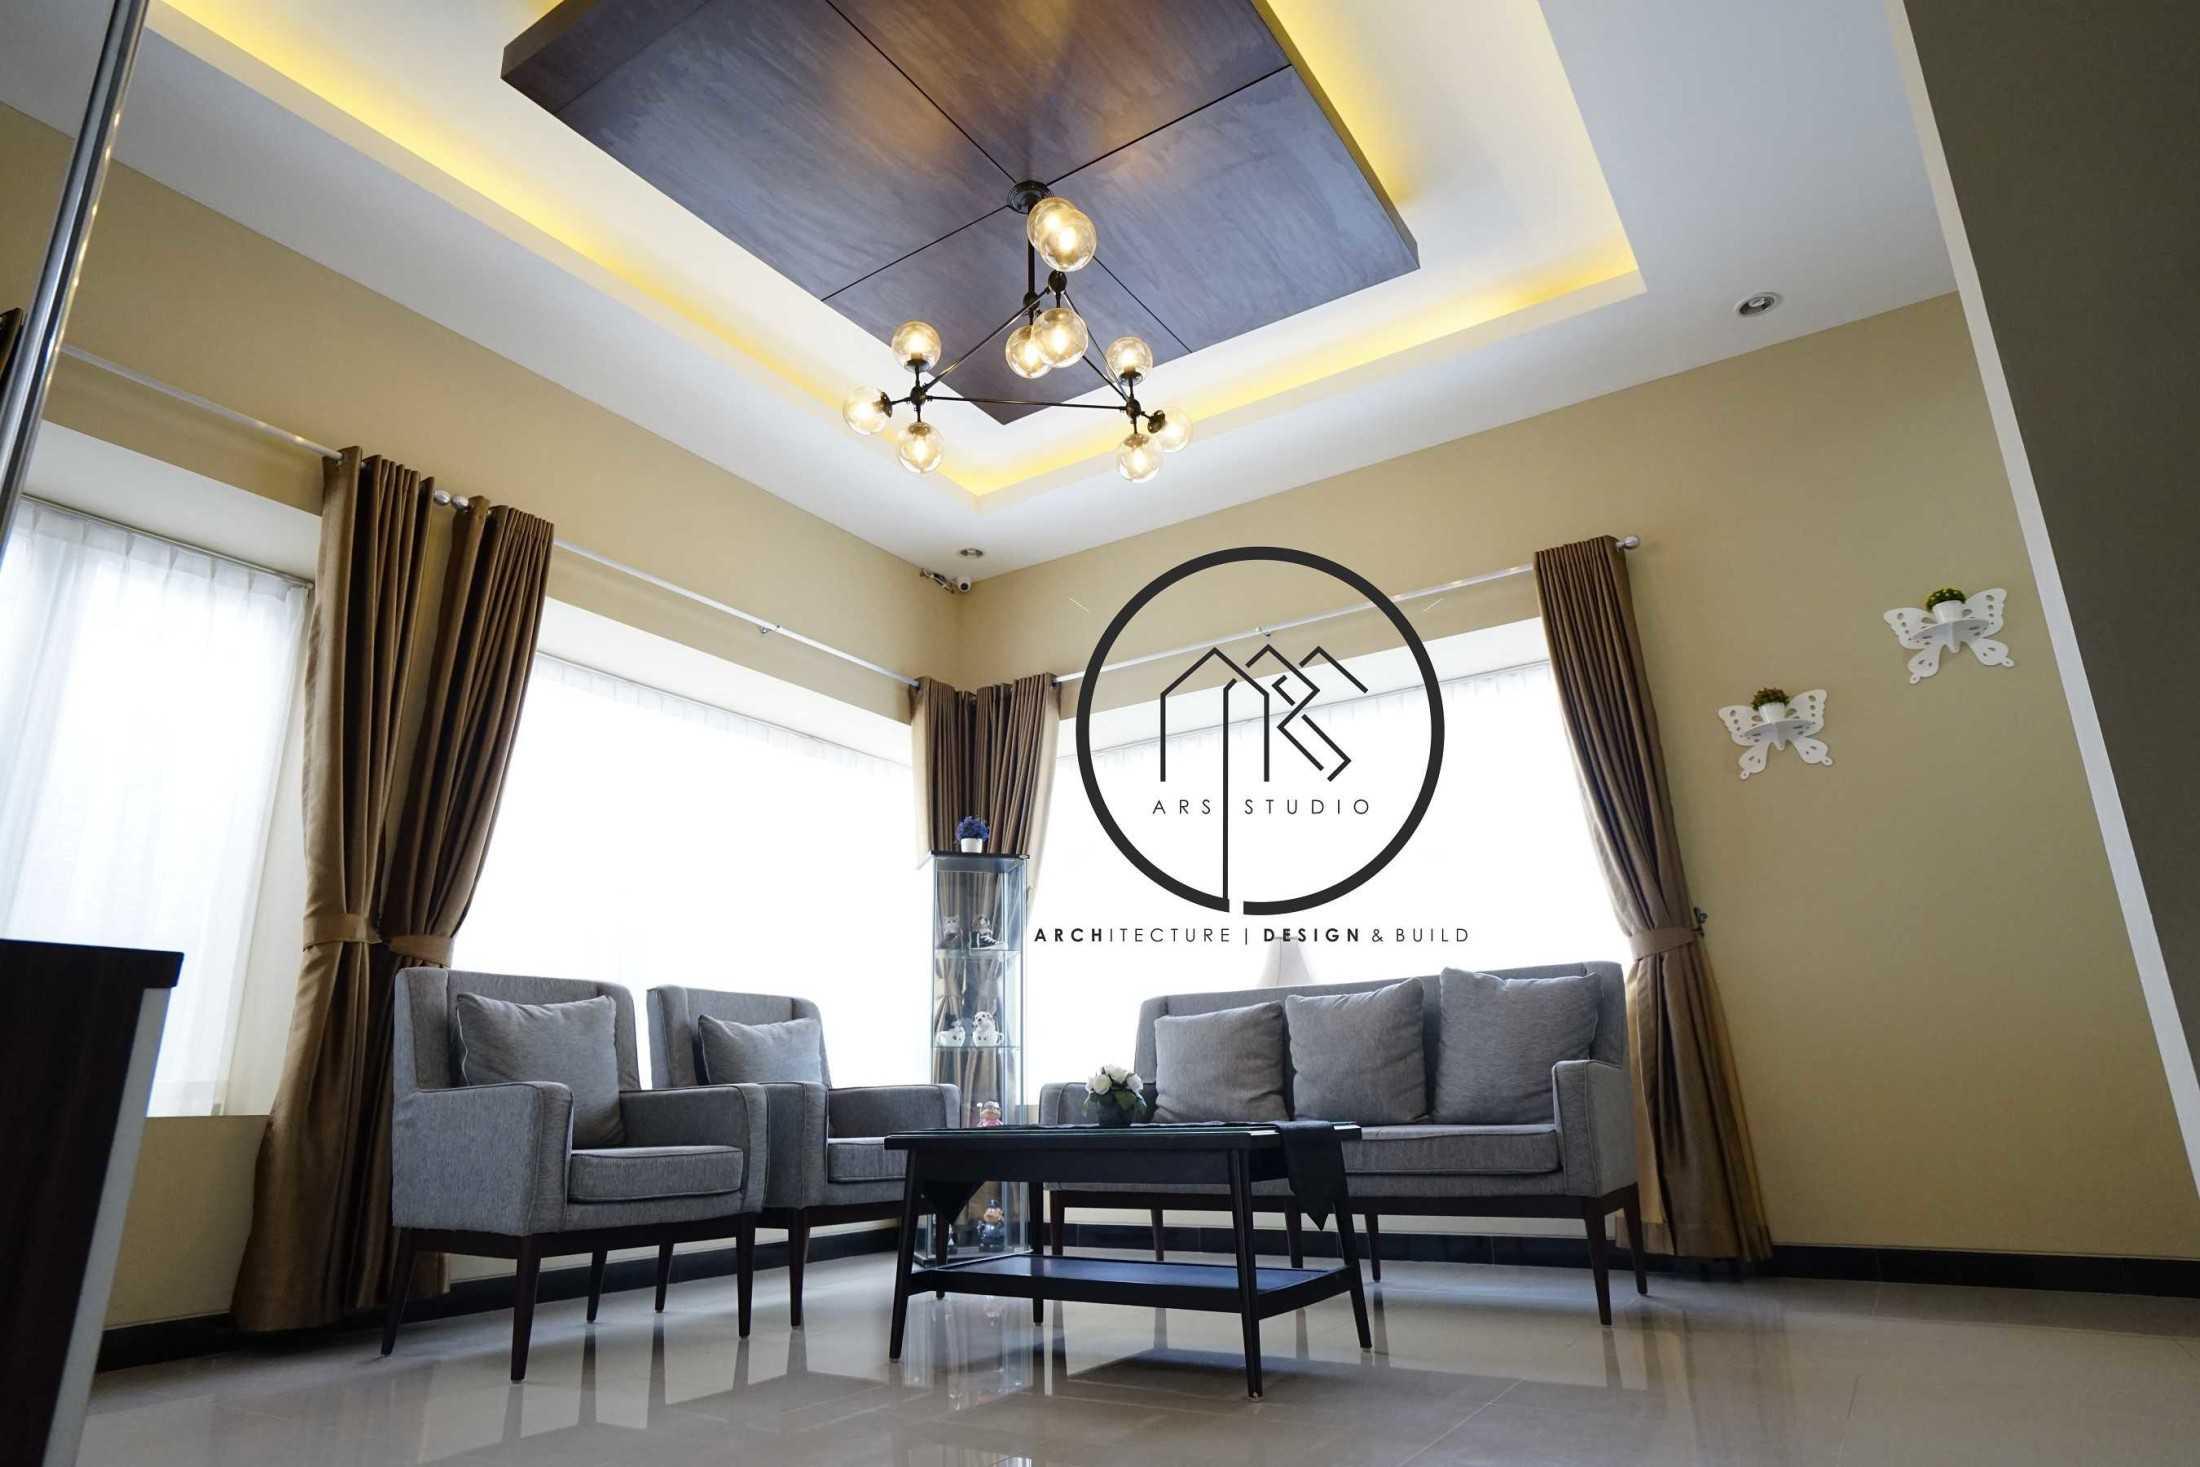 Ars Studio Yh House Salatiga, Kota Salatiga, Jawa Tengah, Indonesia Salatiga, Kota Salatiga, Jawa Tengah, Indonesia Ars-Studio-Cm-House  72220